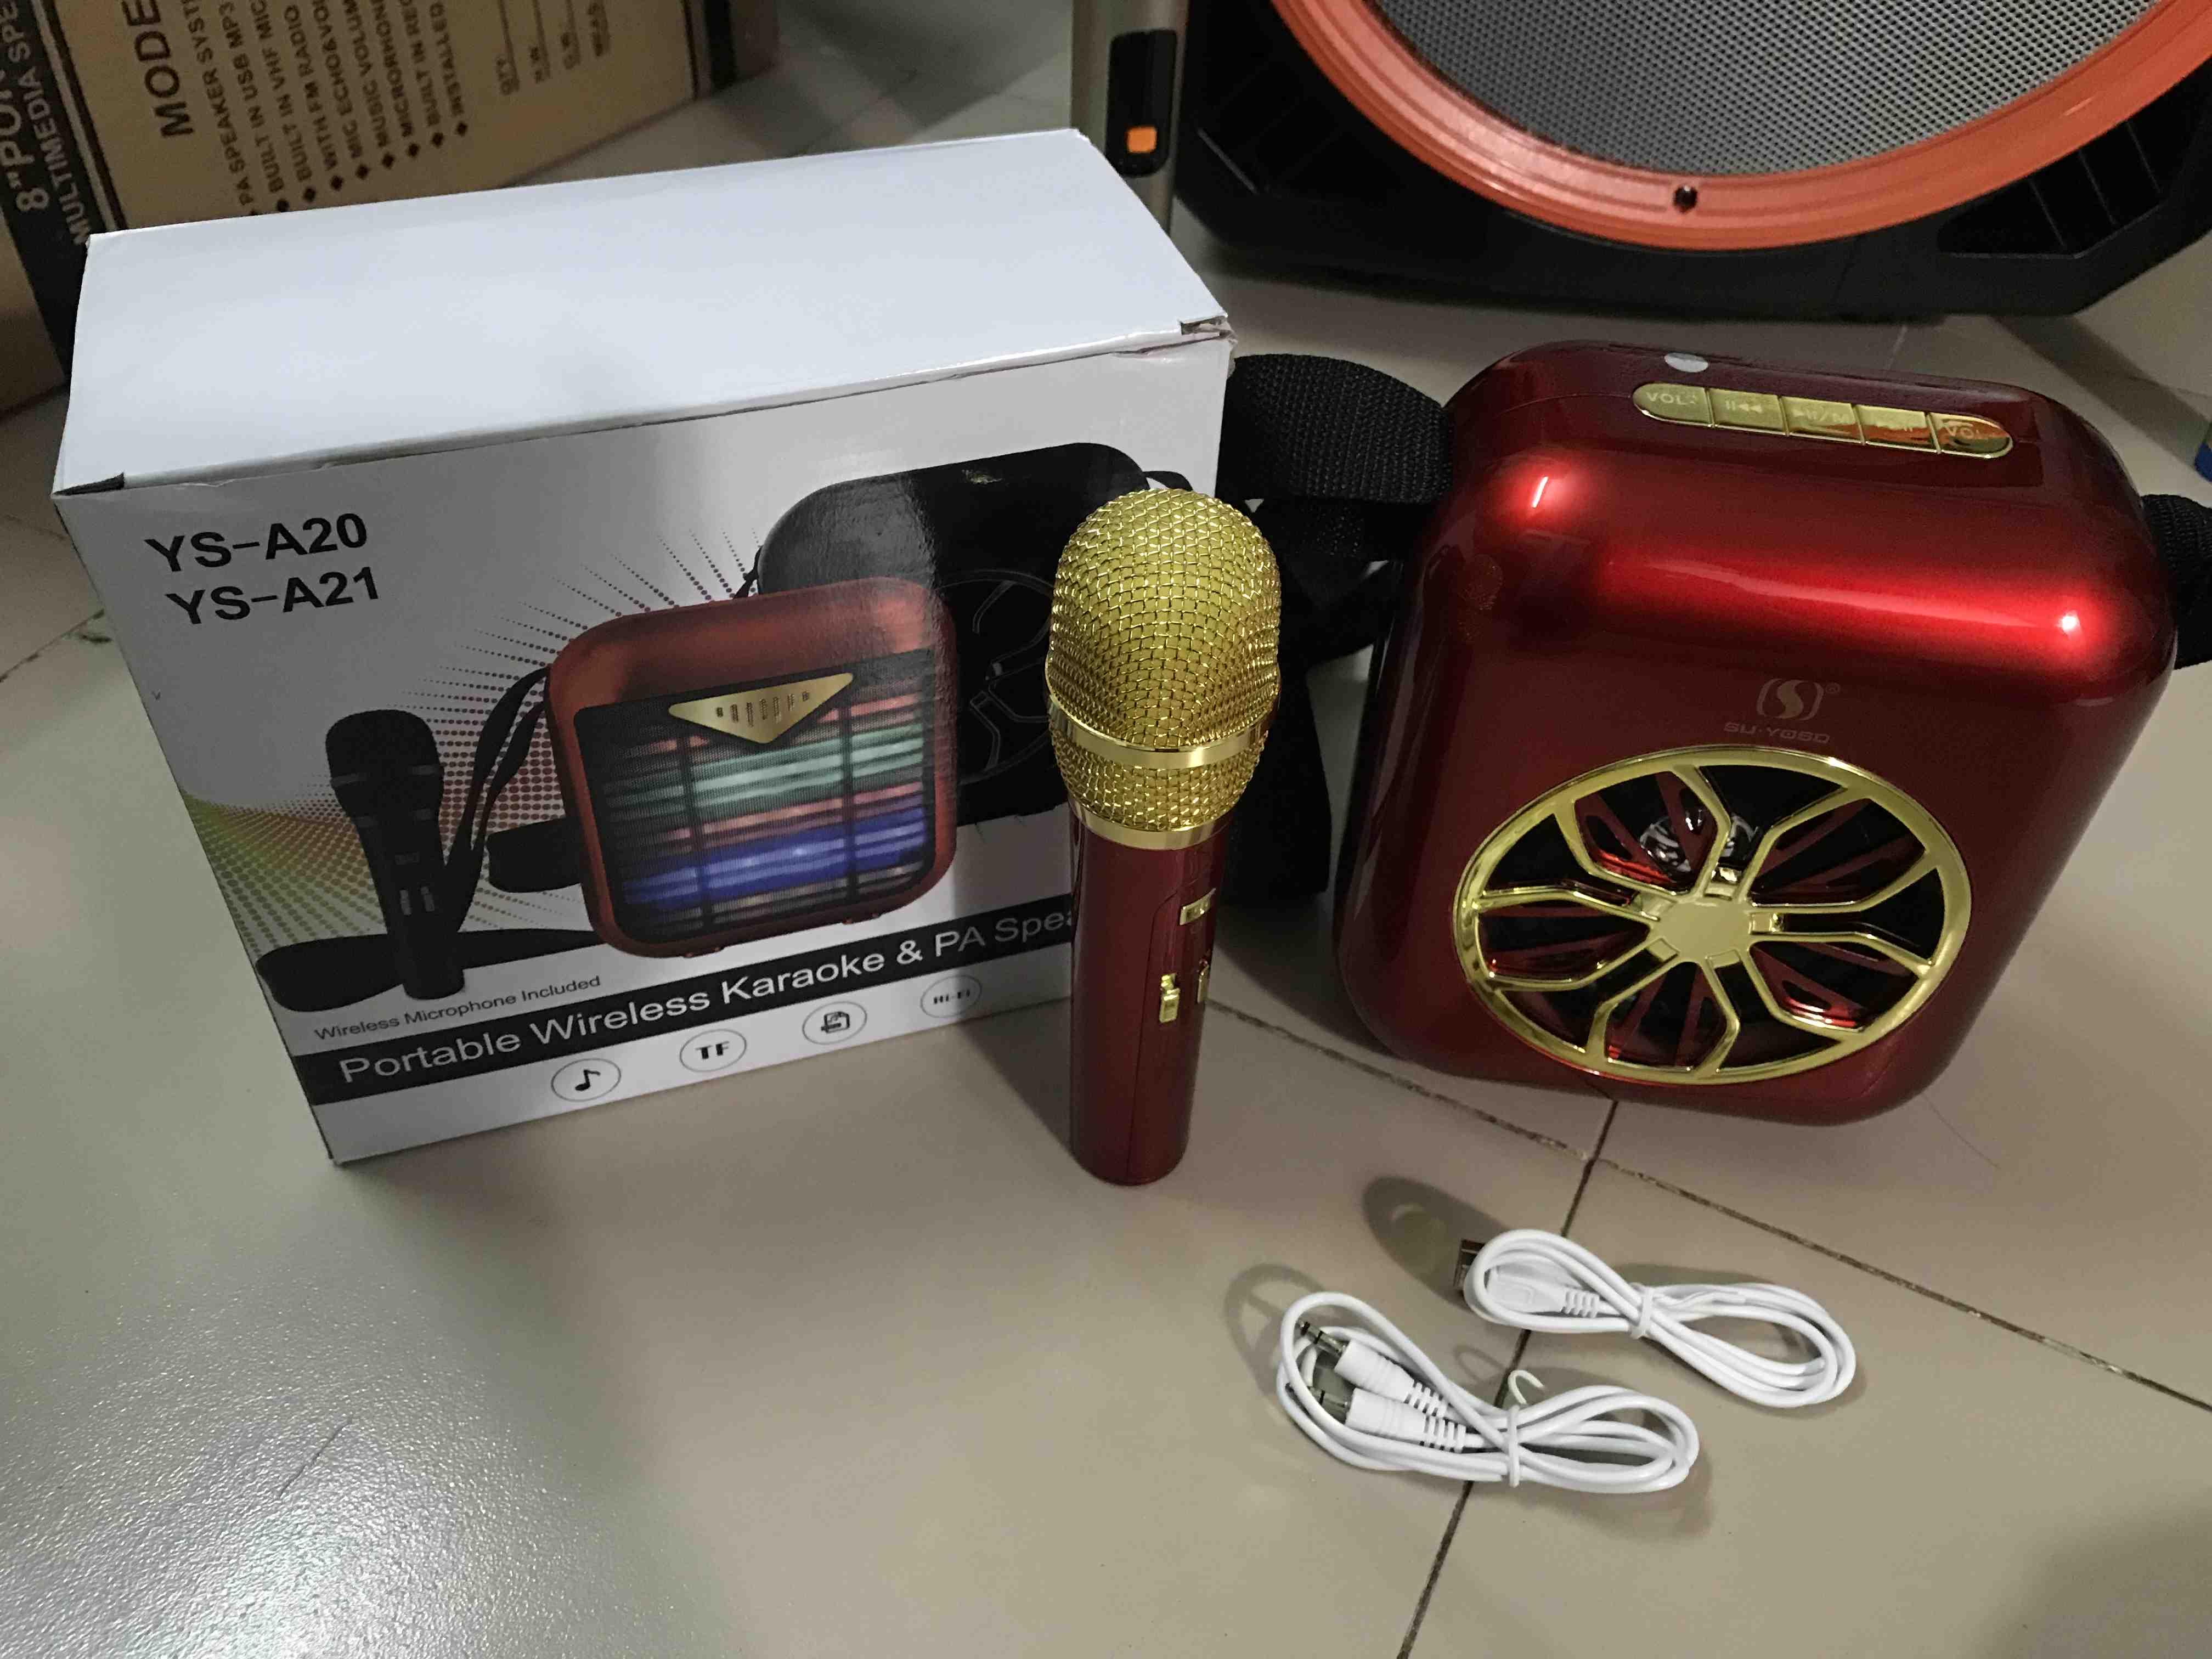 Loa karaoke mini A20 A21 có mic ko dây đen đỏ xanh siêu đẹp có dây đeo, giá  tốt nhất 420,000đ! Mua nhanh tay!